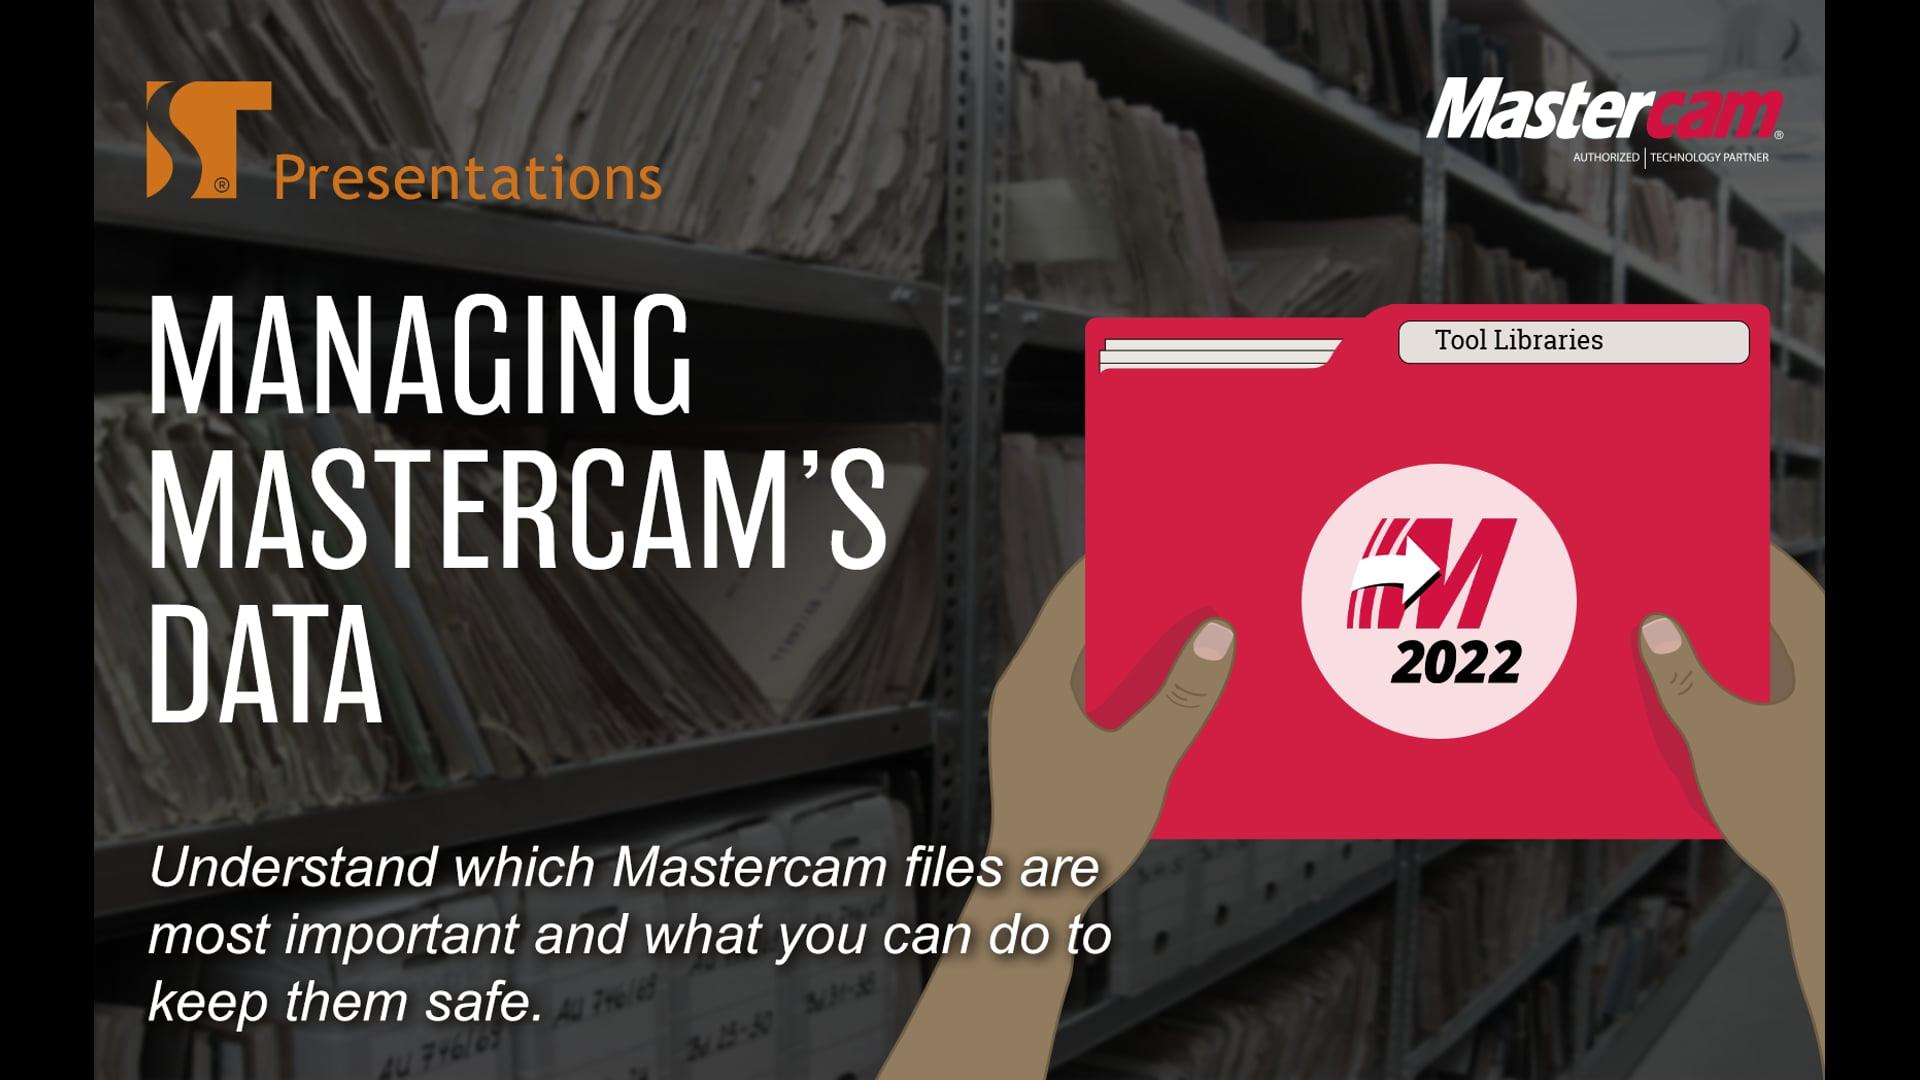 Managing Mastercam's Data